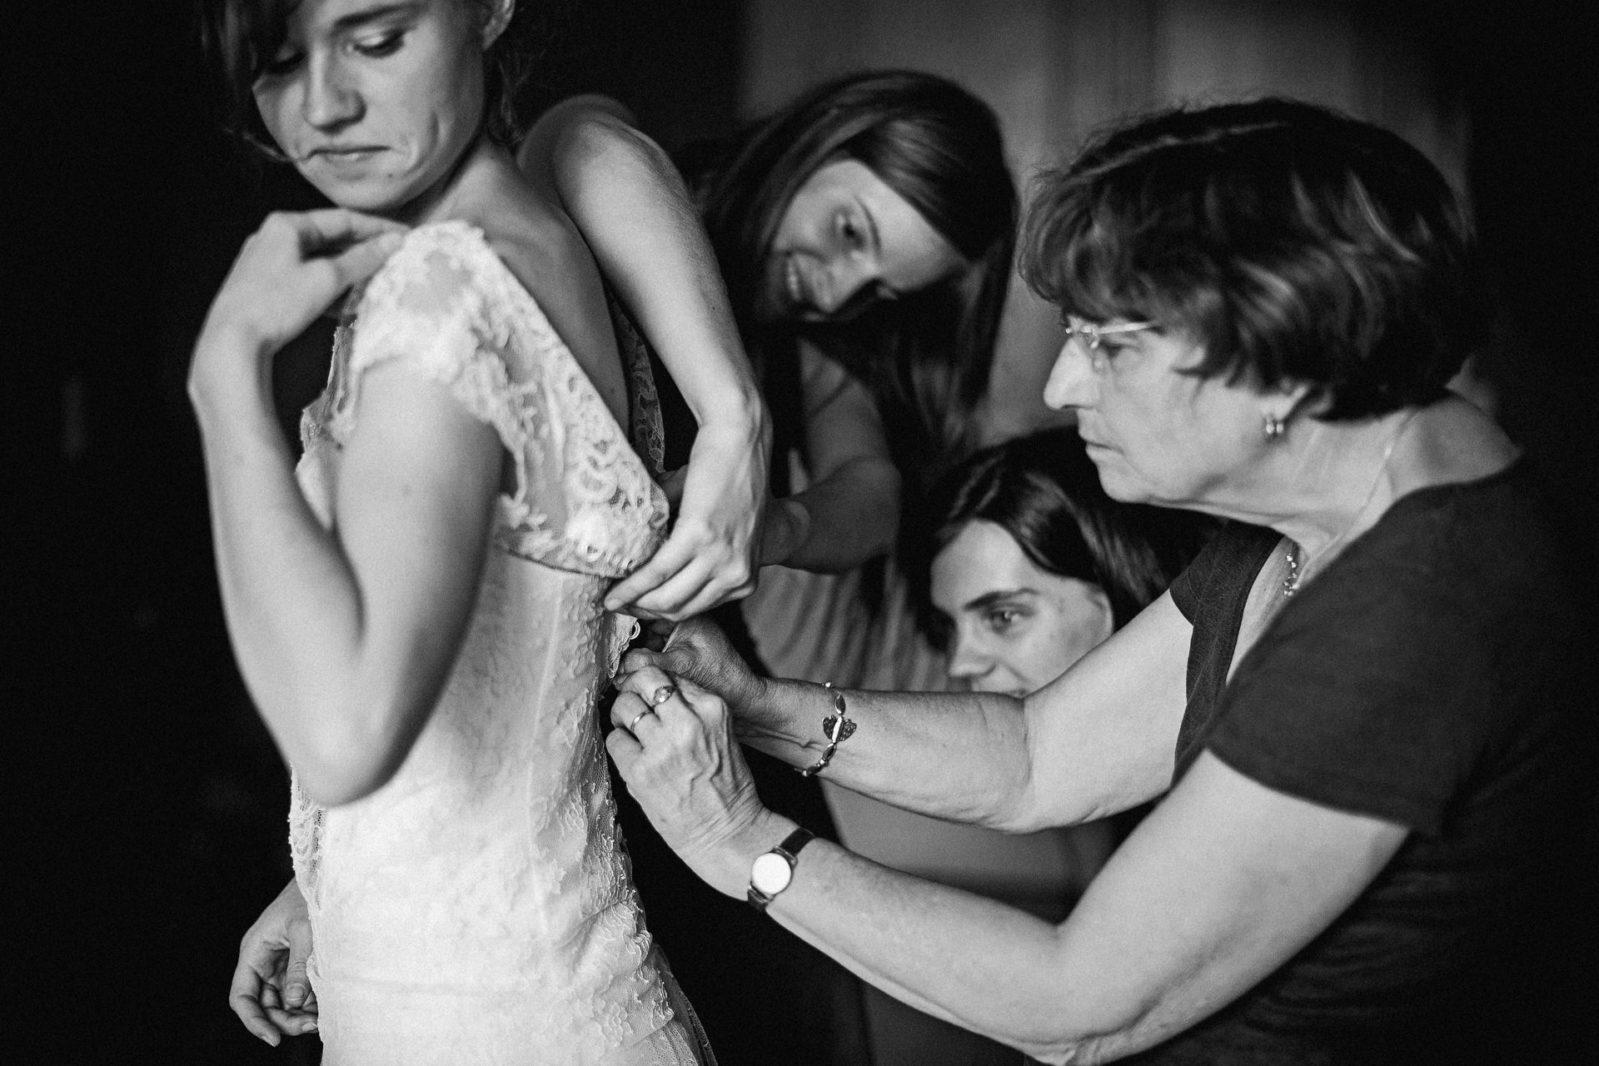 habillage de la mariée par sa mère et ses sœurs à St jean de Luz Ernestine et sa famille photographe de mariage à l'approche reportage